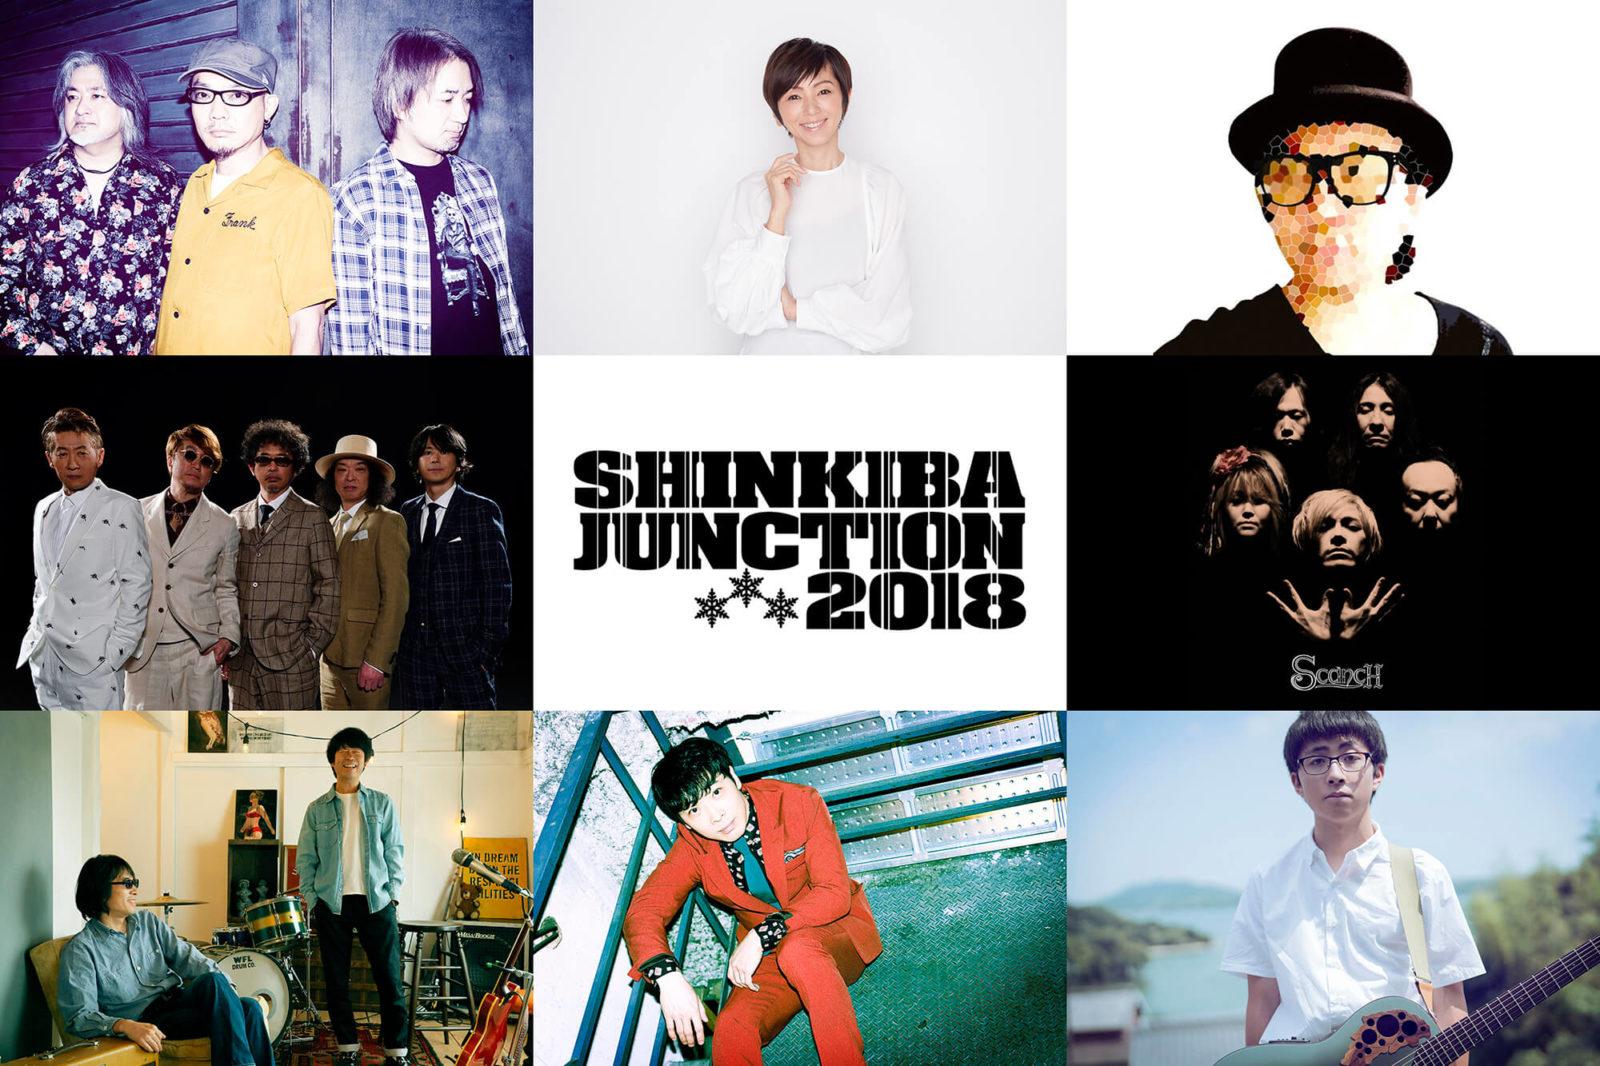 ユニコーンら出演!ライブイベント「SHINKIBA JUNCTION 2018 ~SMAちゃん祭りジャン~」WOWOWで11月放送決定!サムネイル画像